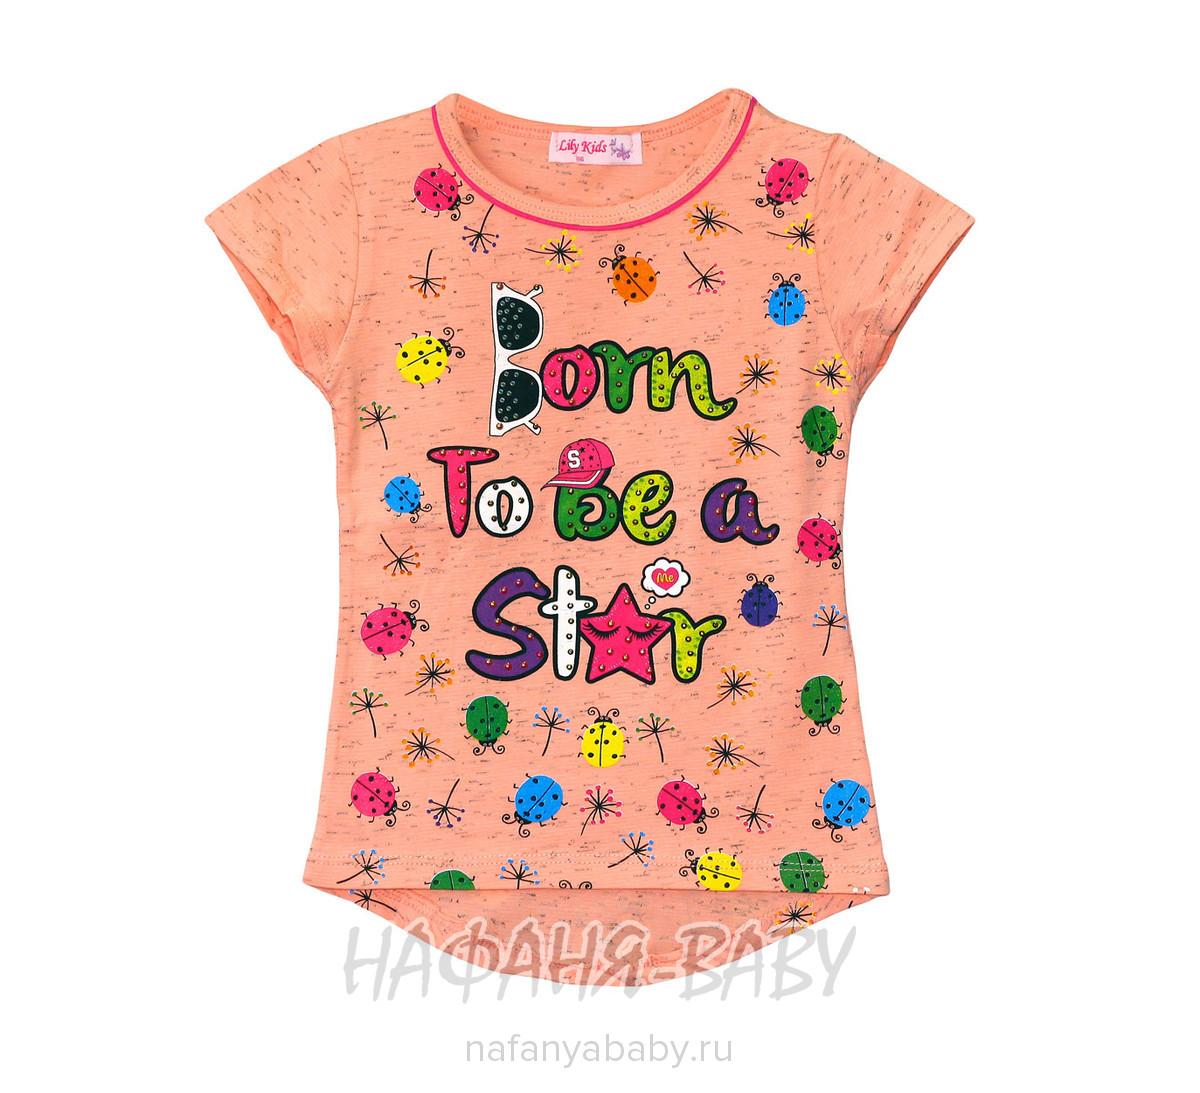 Детская футболка LILY Kids арт: 3500, 5-9 лет, 1-4 года, цвет персиковый меланж, оптом Турция